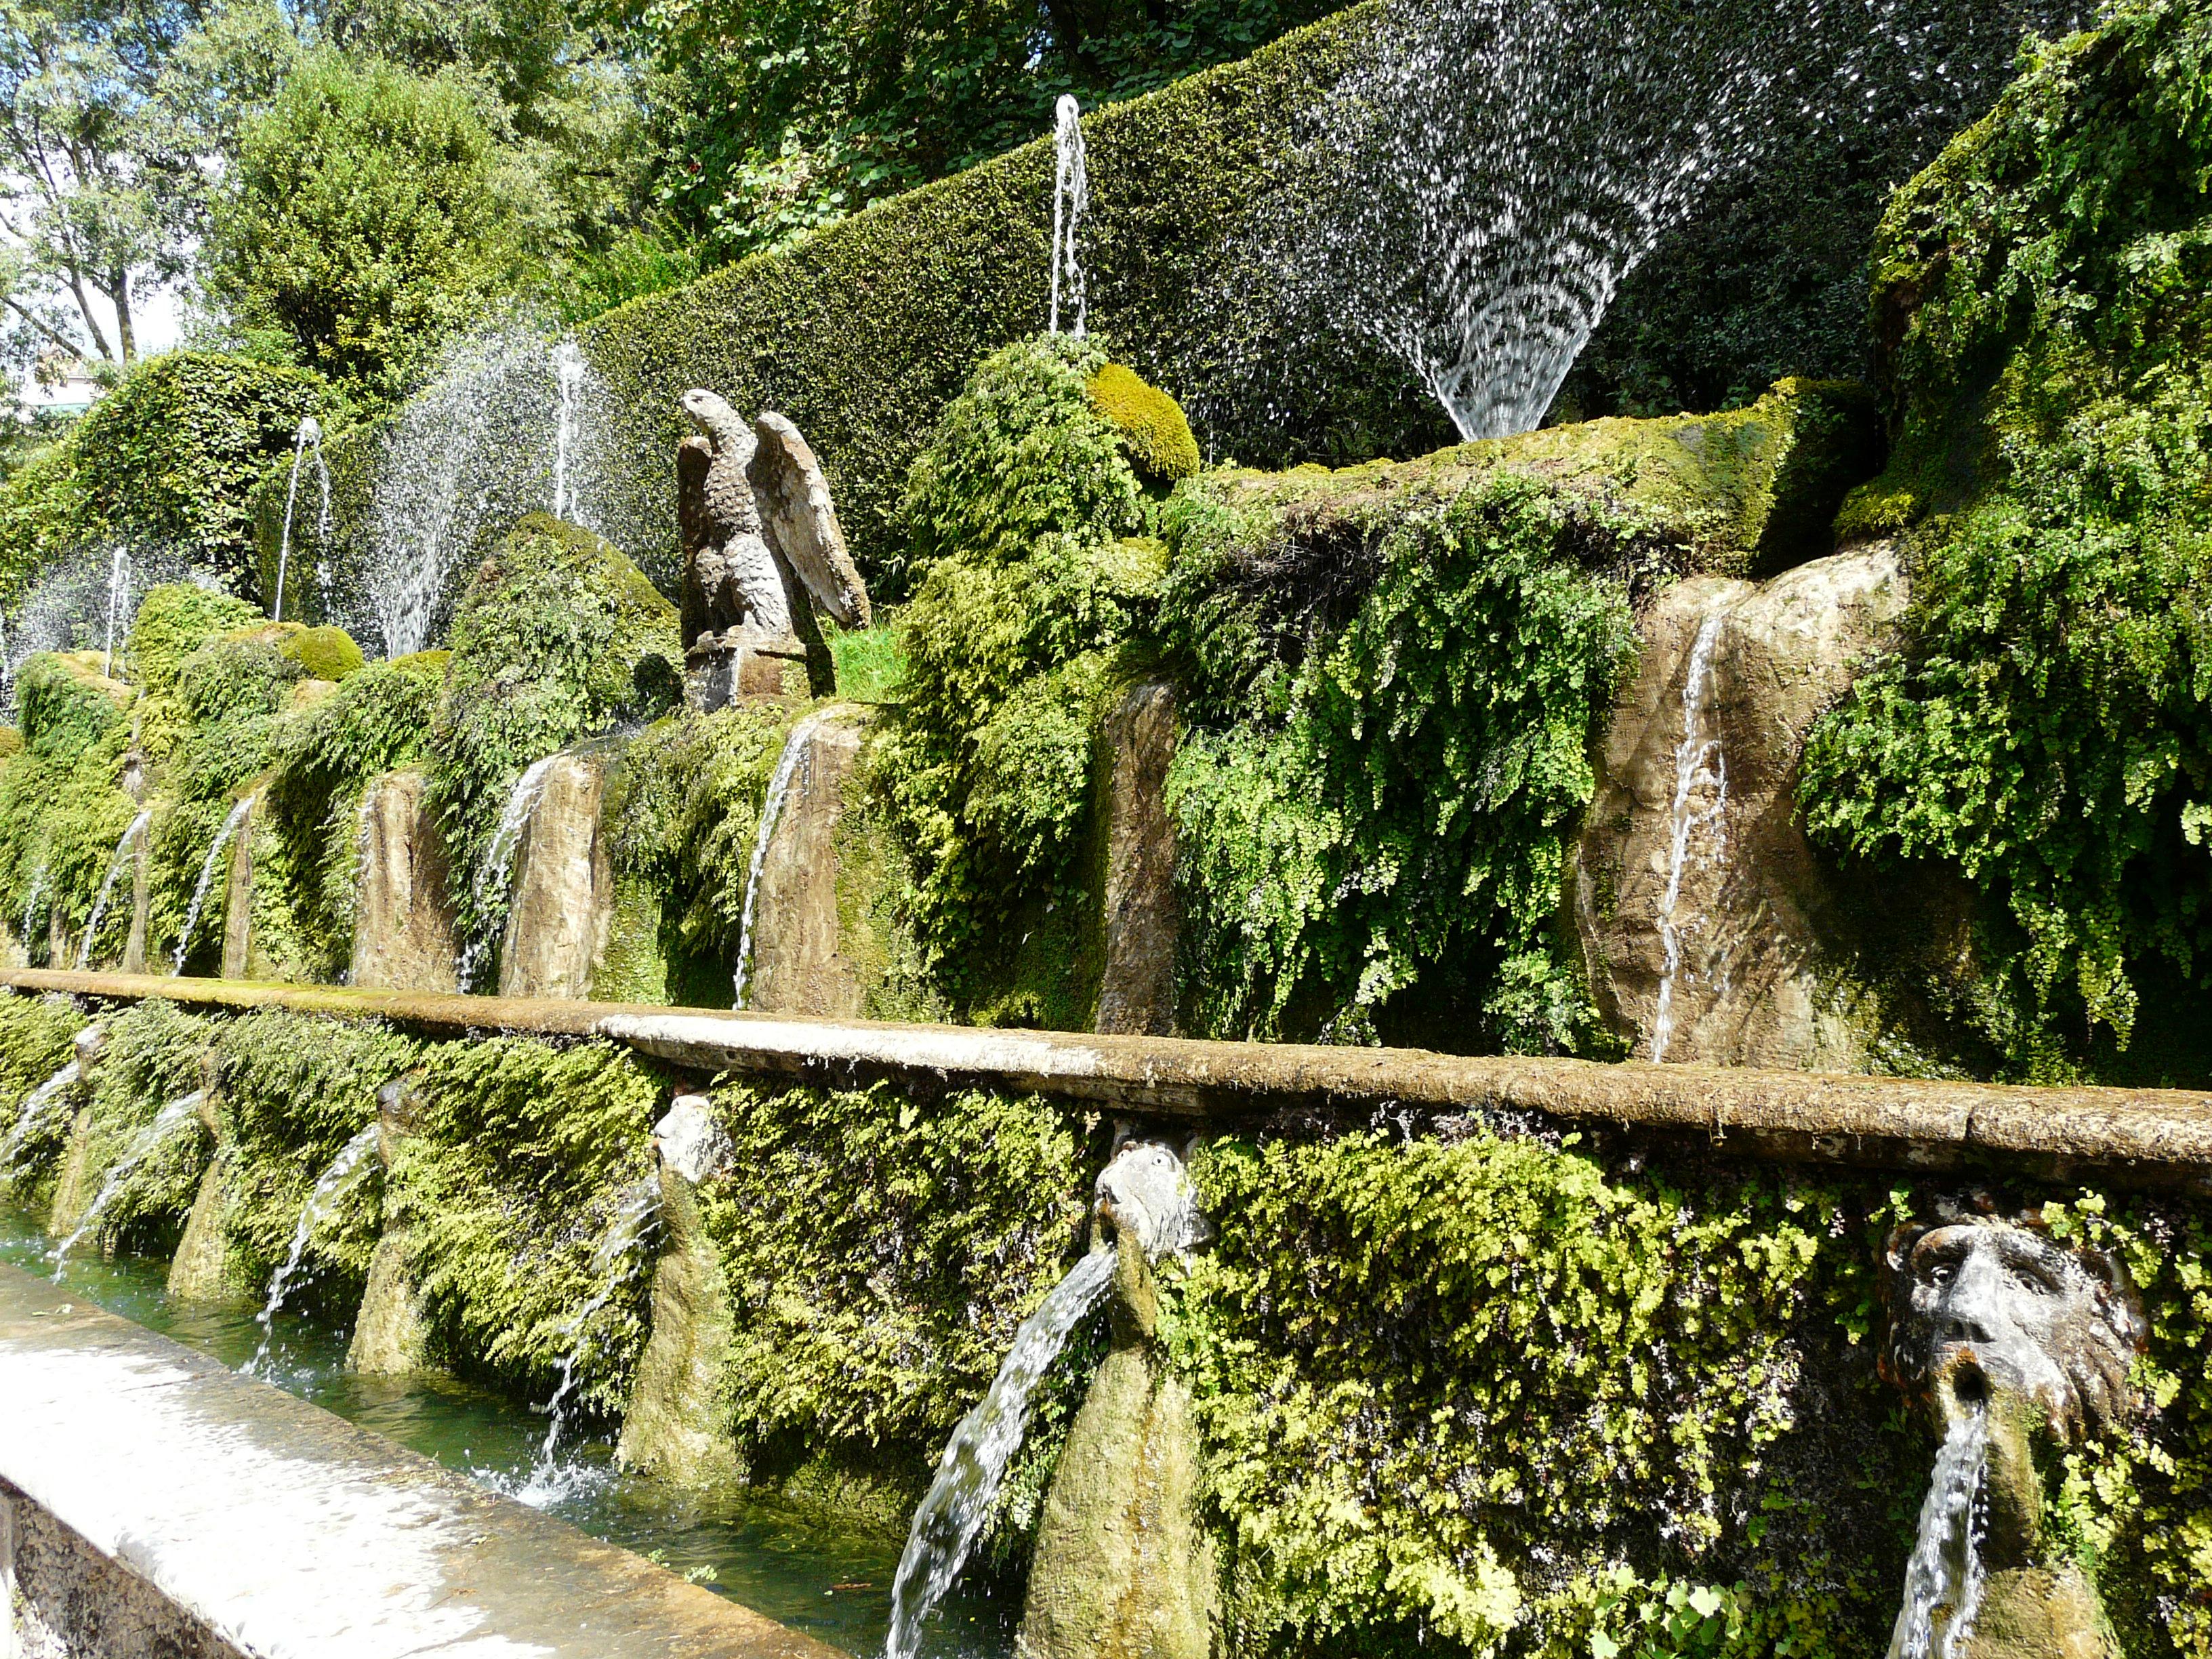 © Dipartimento di Scienze della Vita, Università di Trieste<br>by Andrea Moro<br>Comune di Tivoli, Giardini della Villa D'Este, RO, Lazio, Italia, 16/07/2011<br>Distributed under CC-BY-SA 4.0 license.